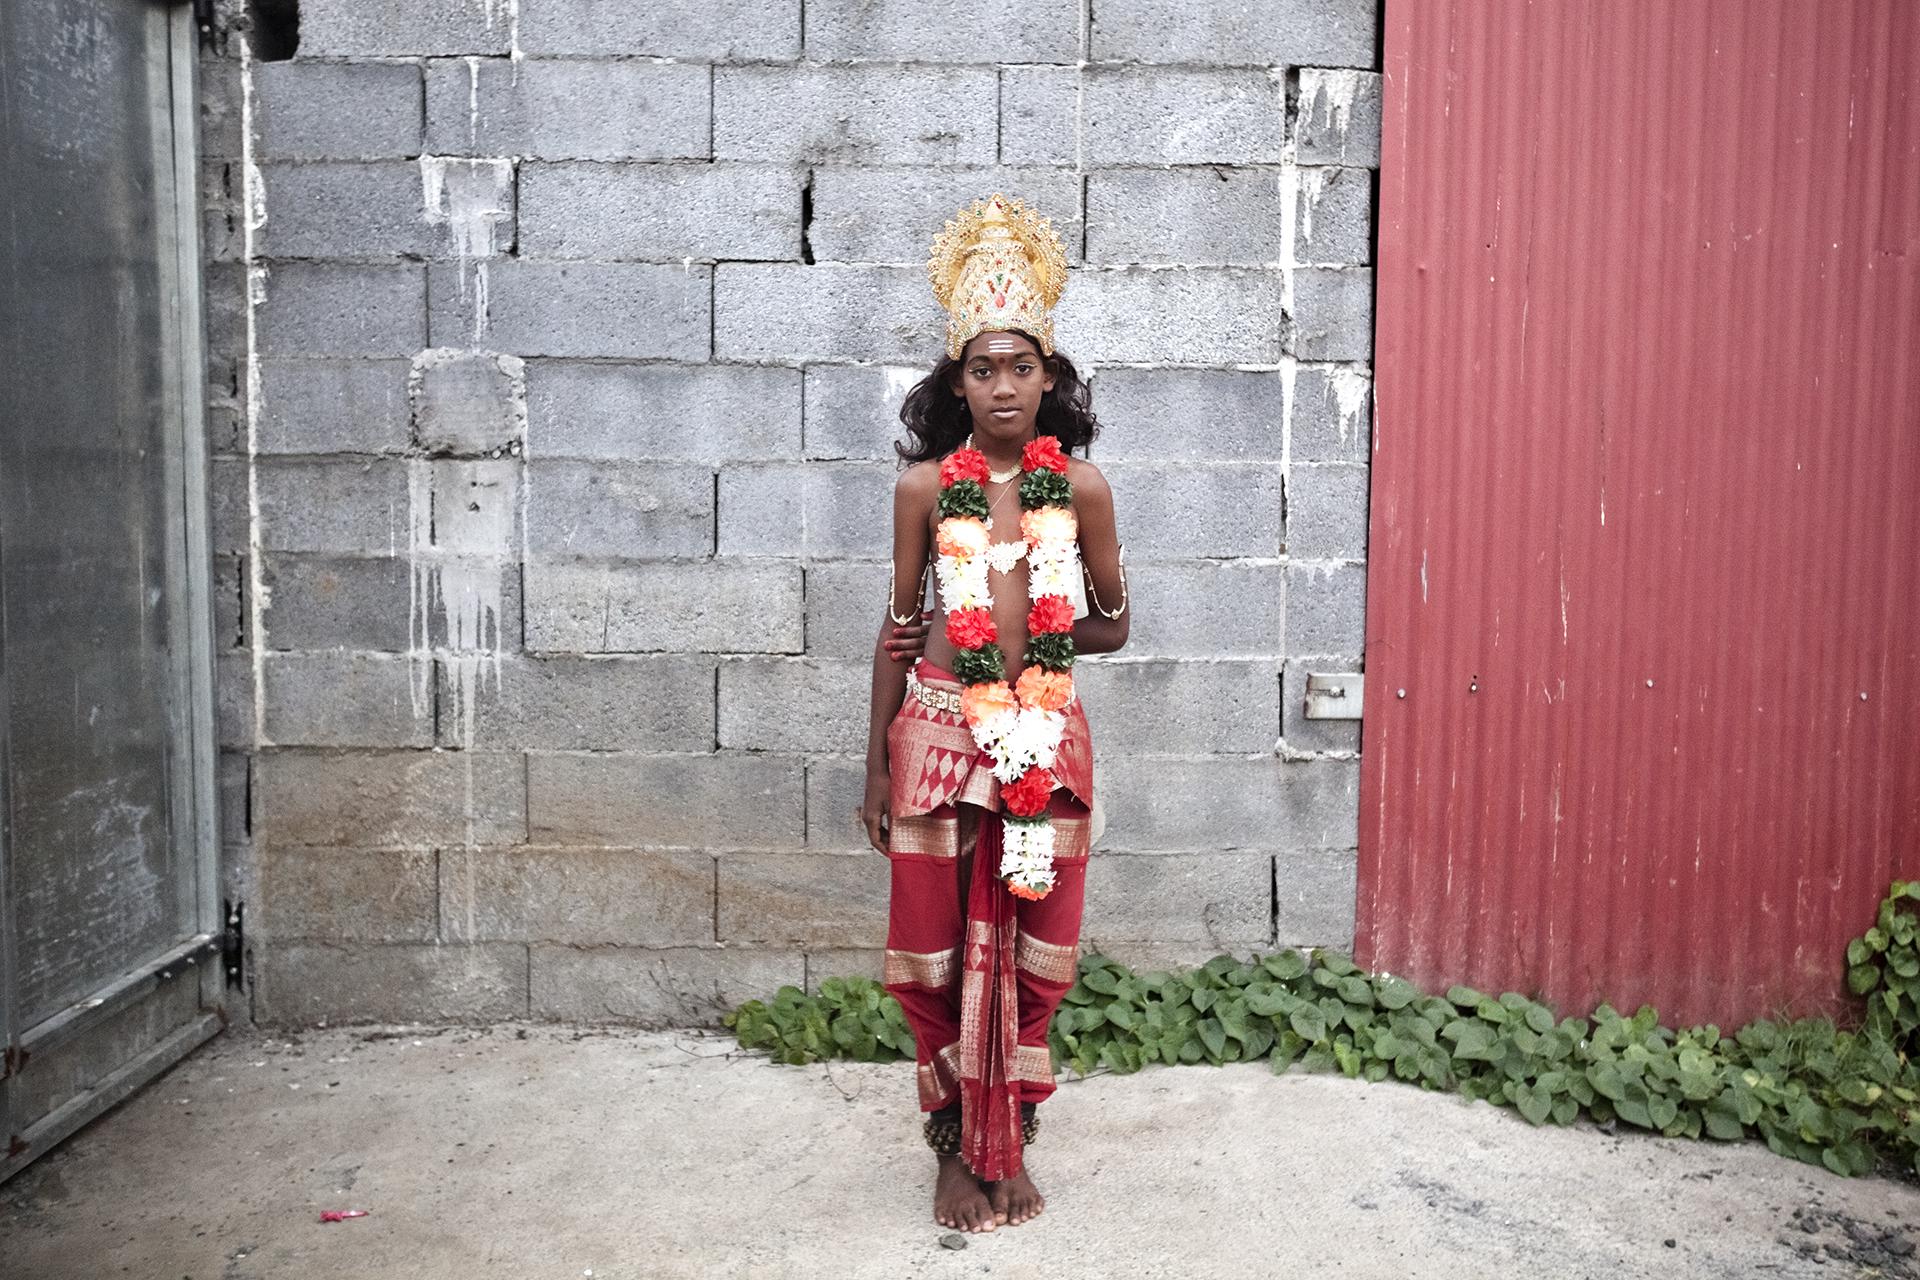 Temple de St-Louis. Enfant déguisé pour une cérémonie.